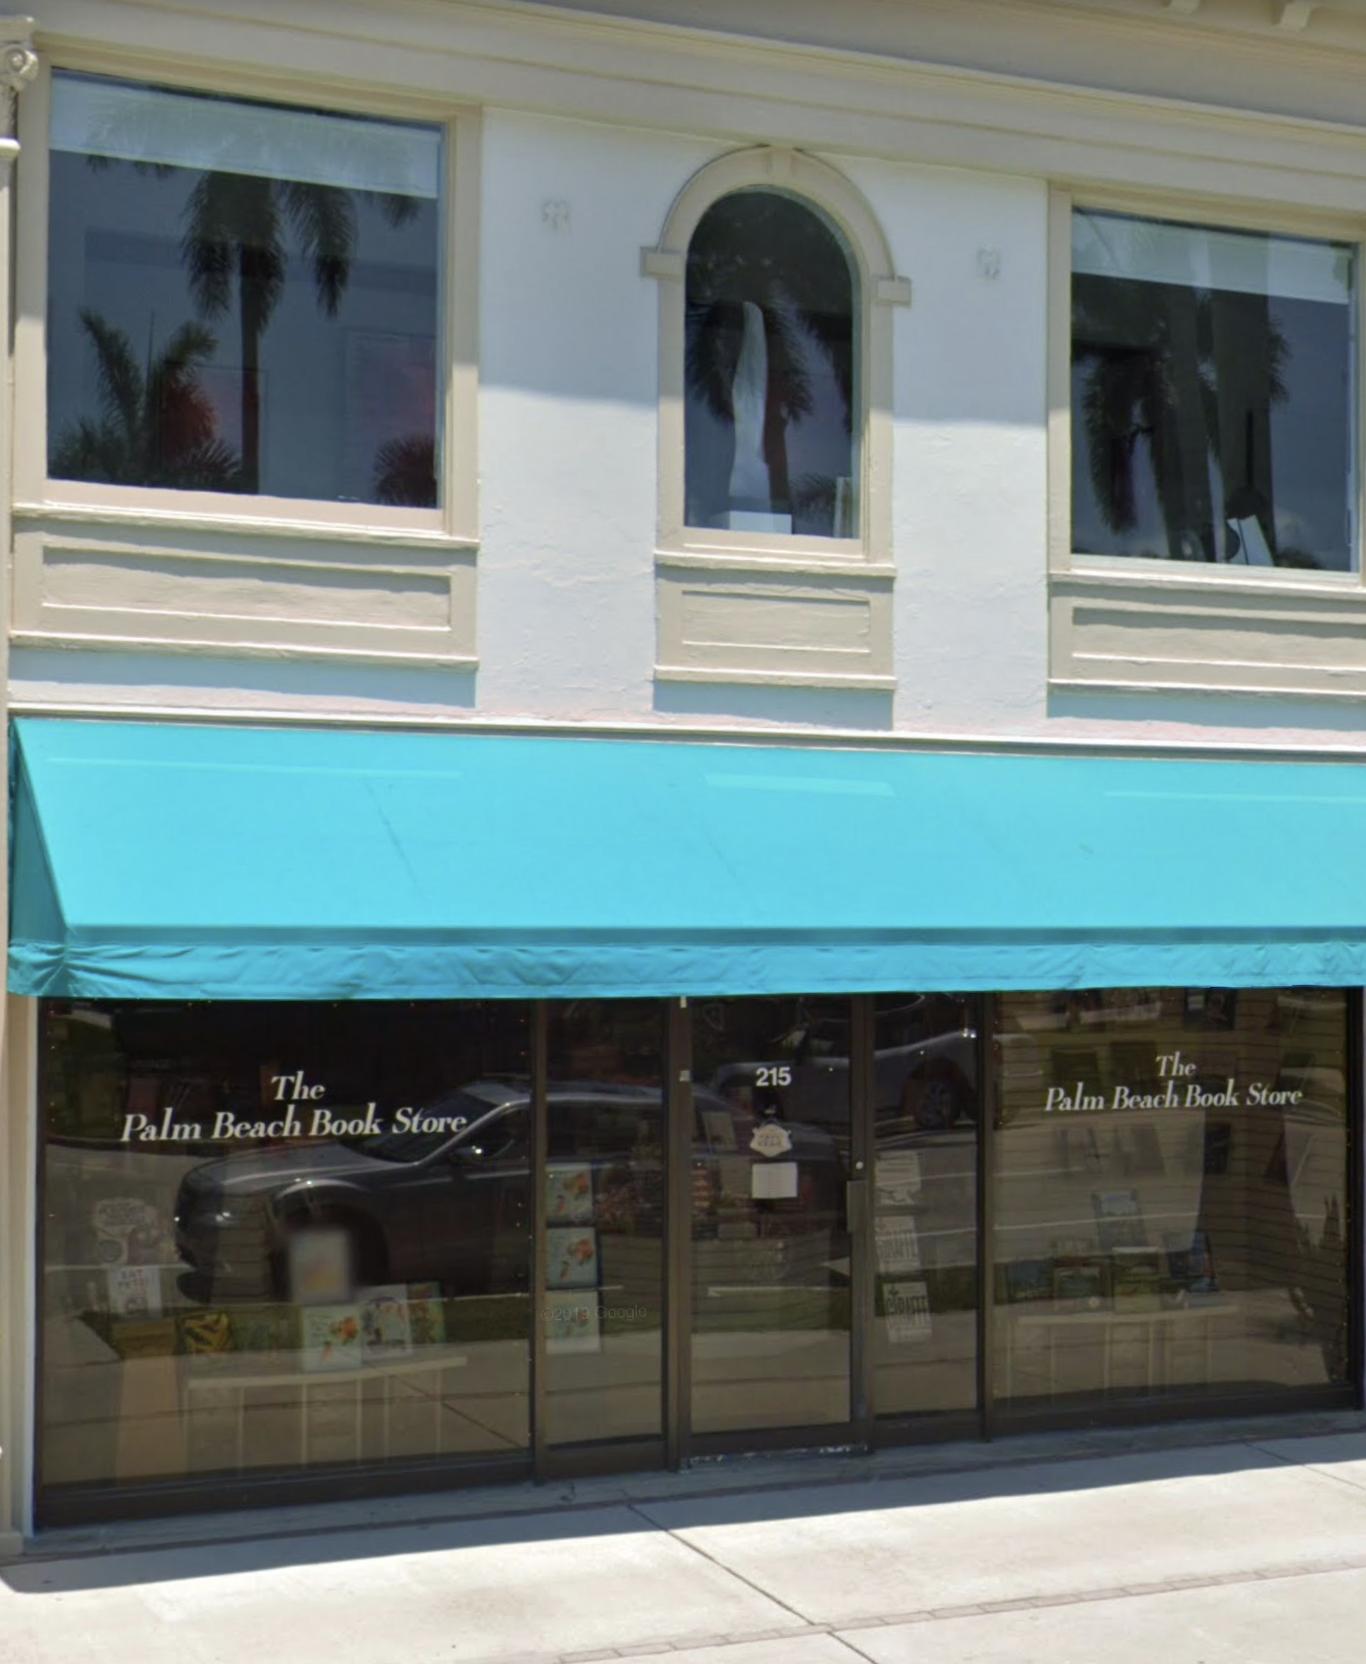 Palm Beach Book Store